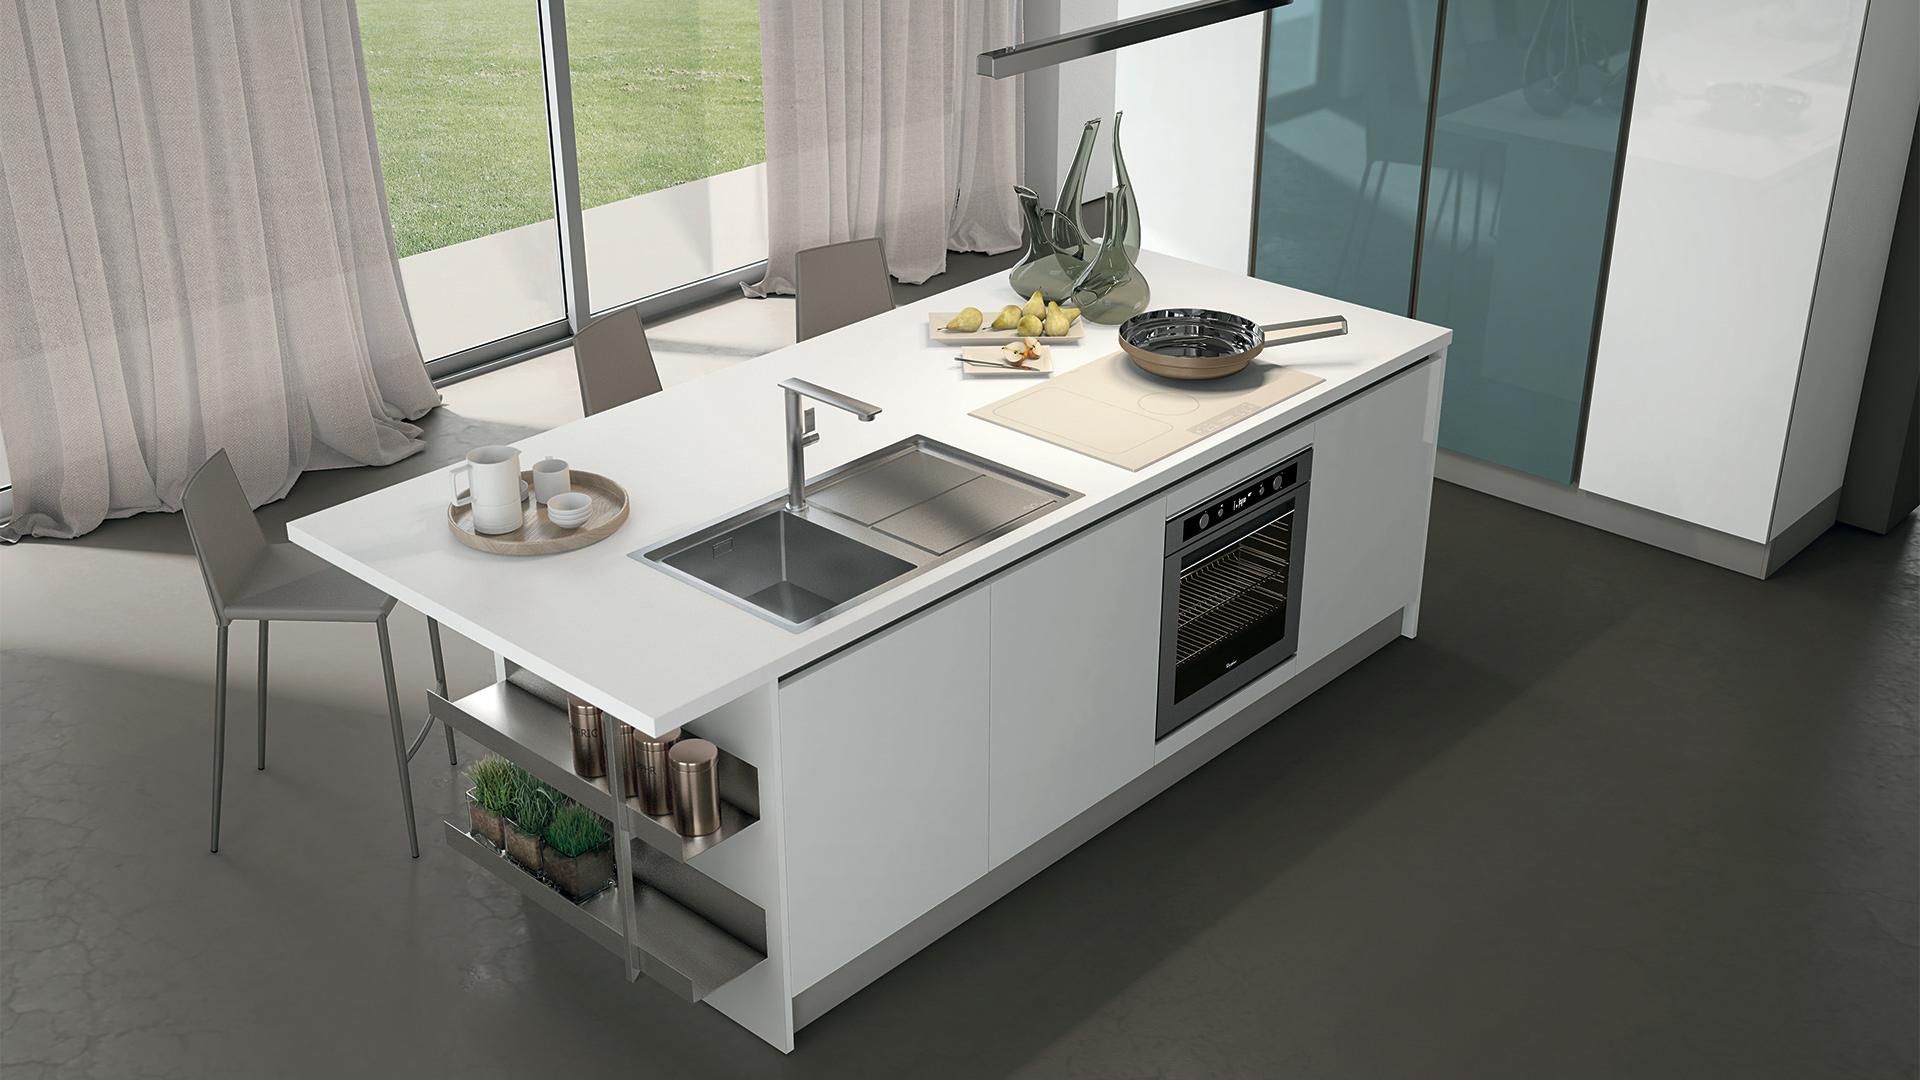 Cucine con isola lube1 rafaschieri arredamenti - Cucine moderne con isola lube ...